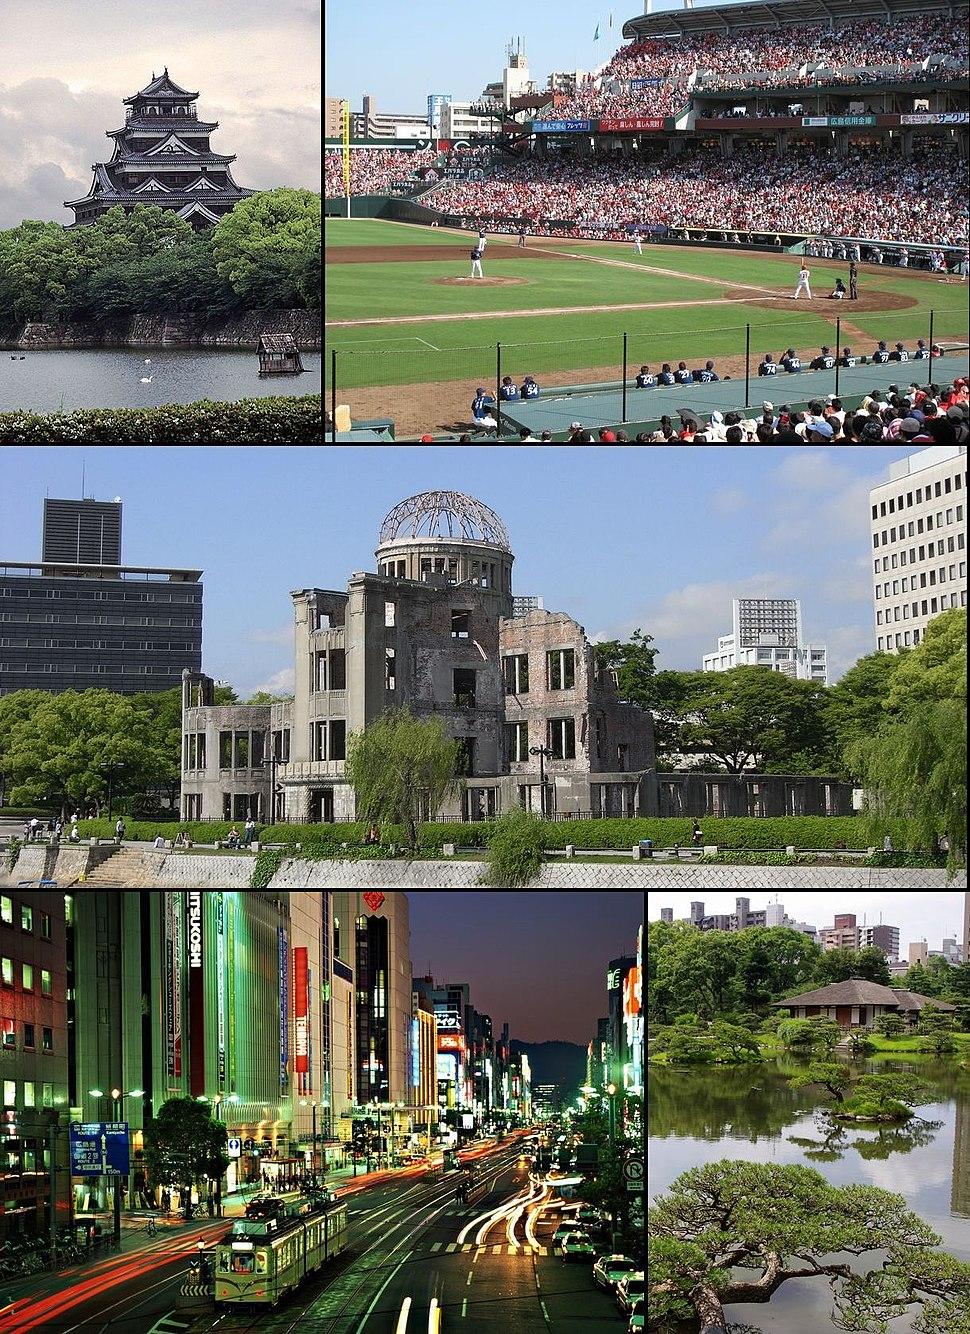 From top left: Hiroshima Castle, baseball game of Hiroshima Toyo Carp in Hiroshima Municipal Baseball Stadium, Hiroshima Peace Memorial (Genbaku Dome), night view of Ebisu-cho, Shukkei-en (Asano Park)